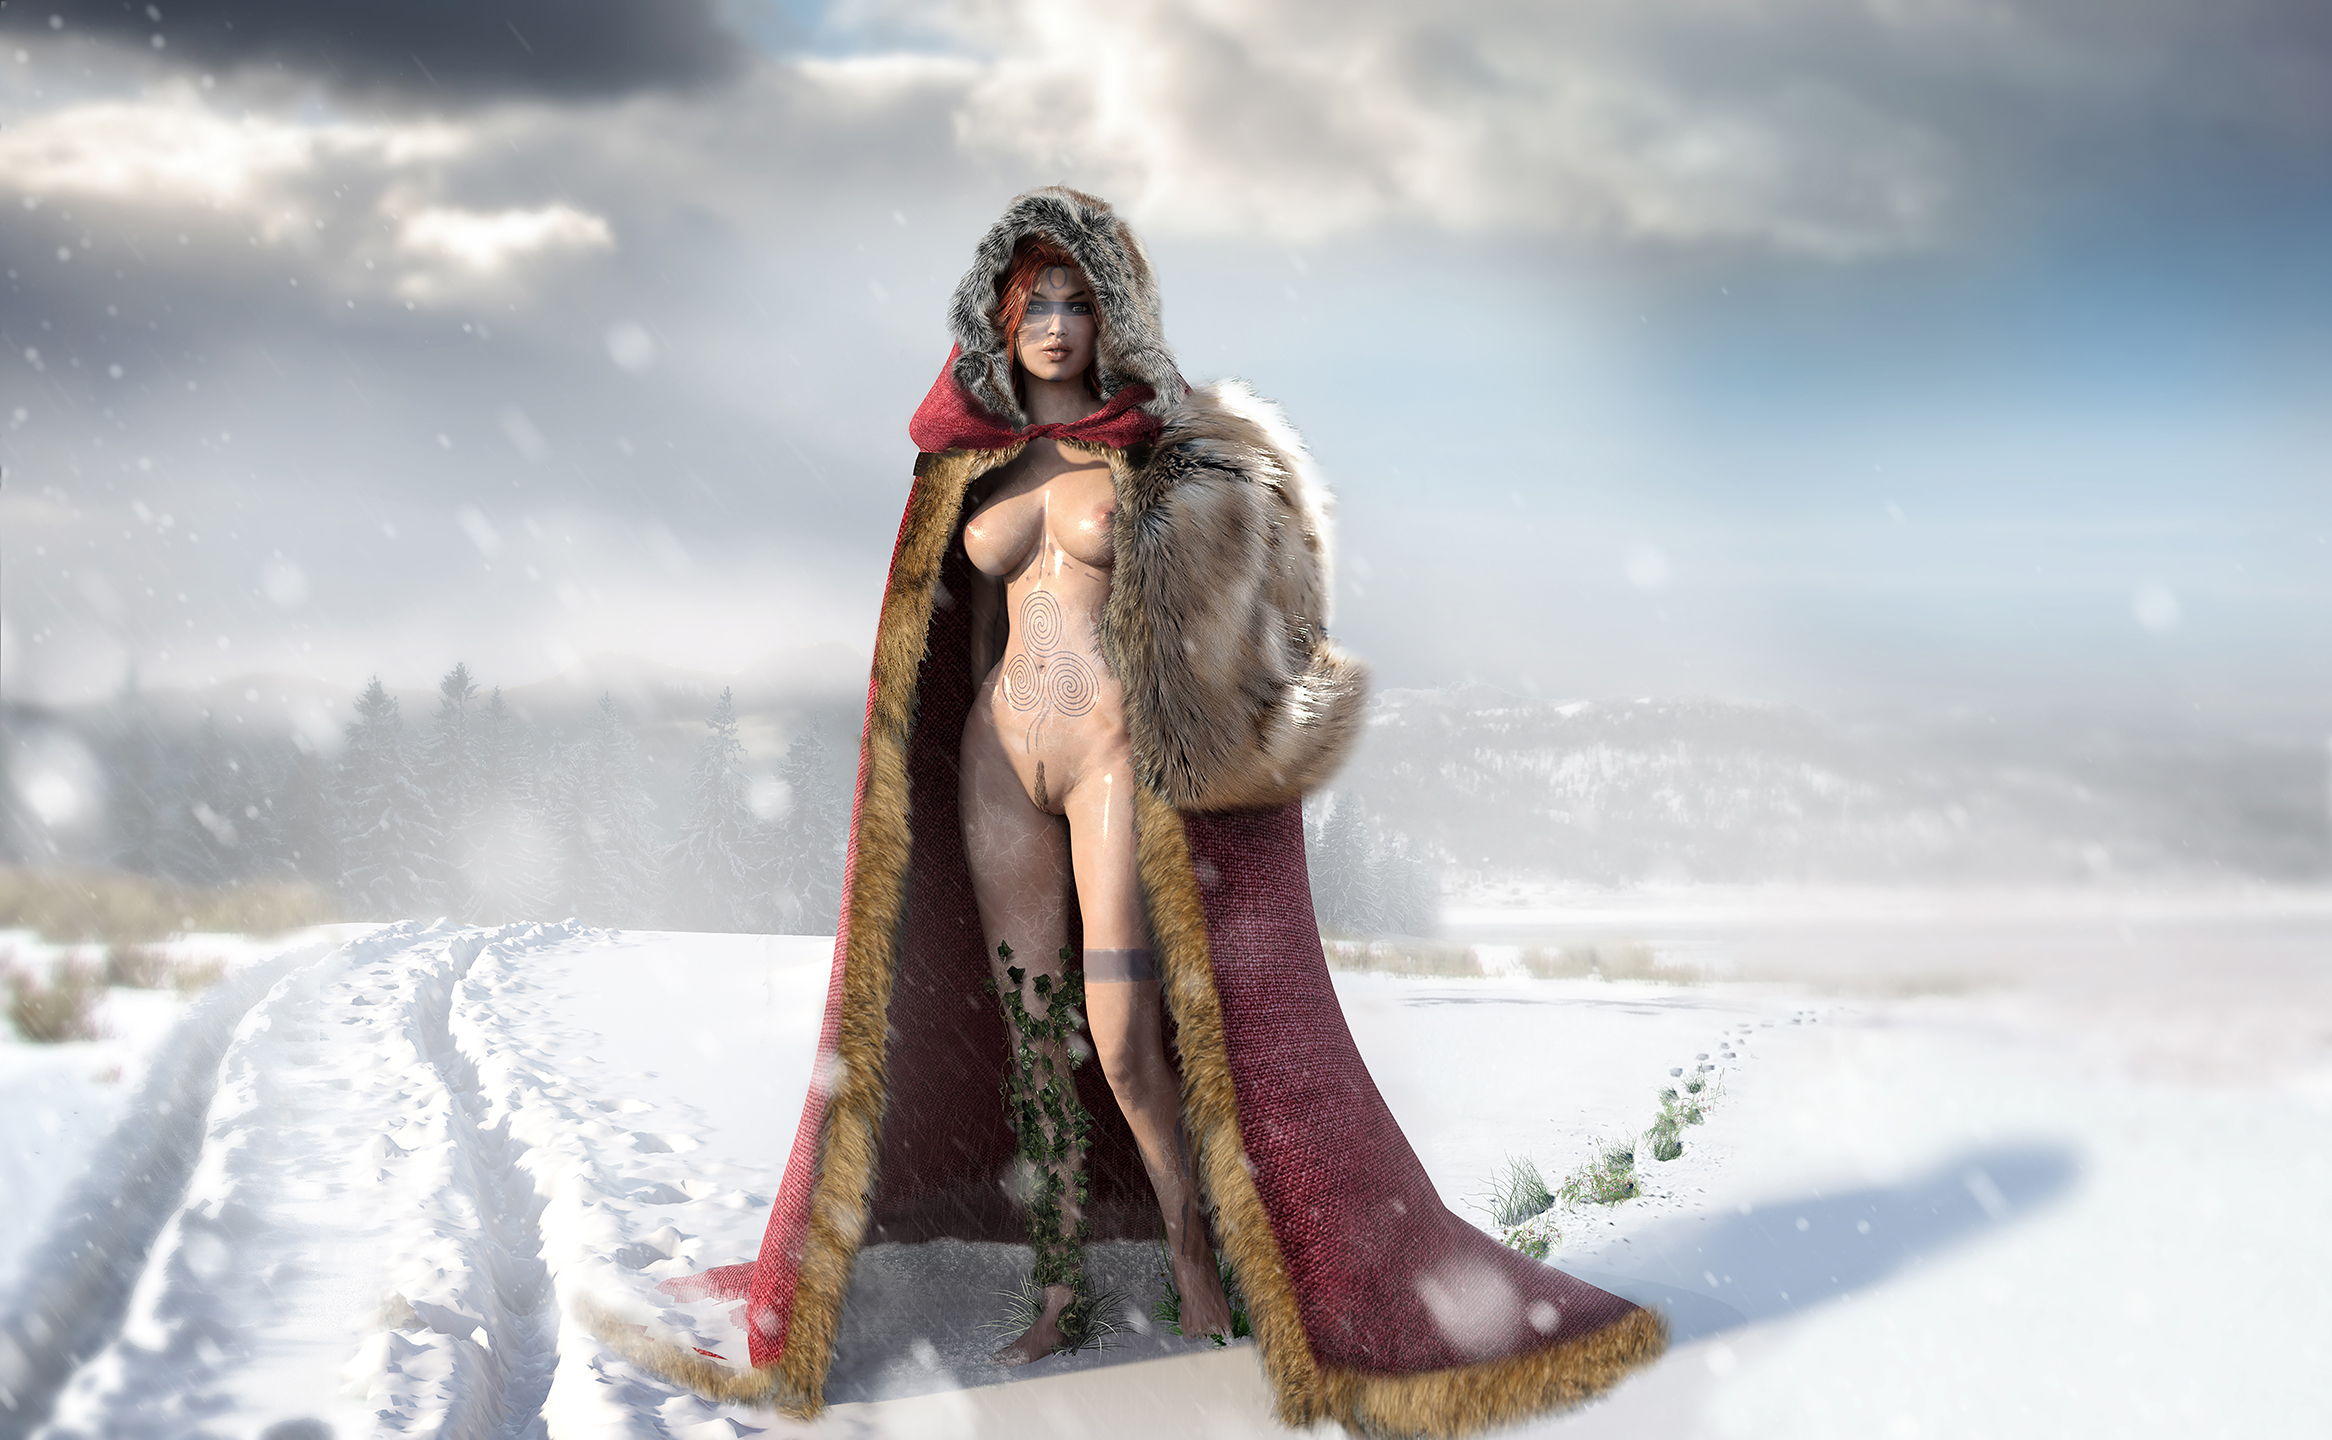 The goddess returns